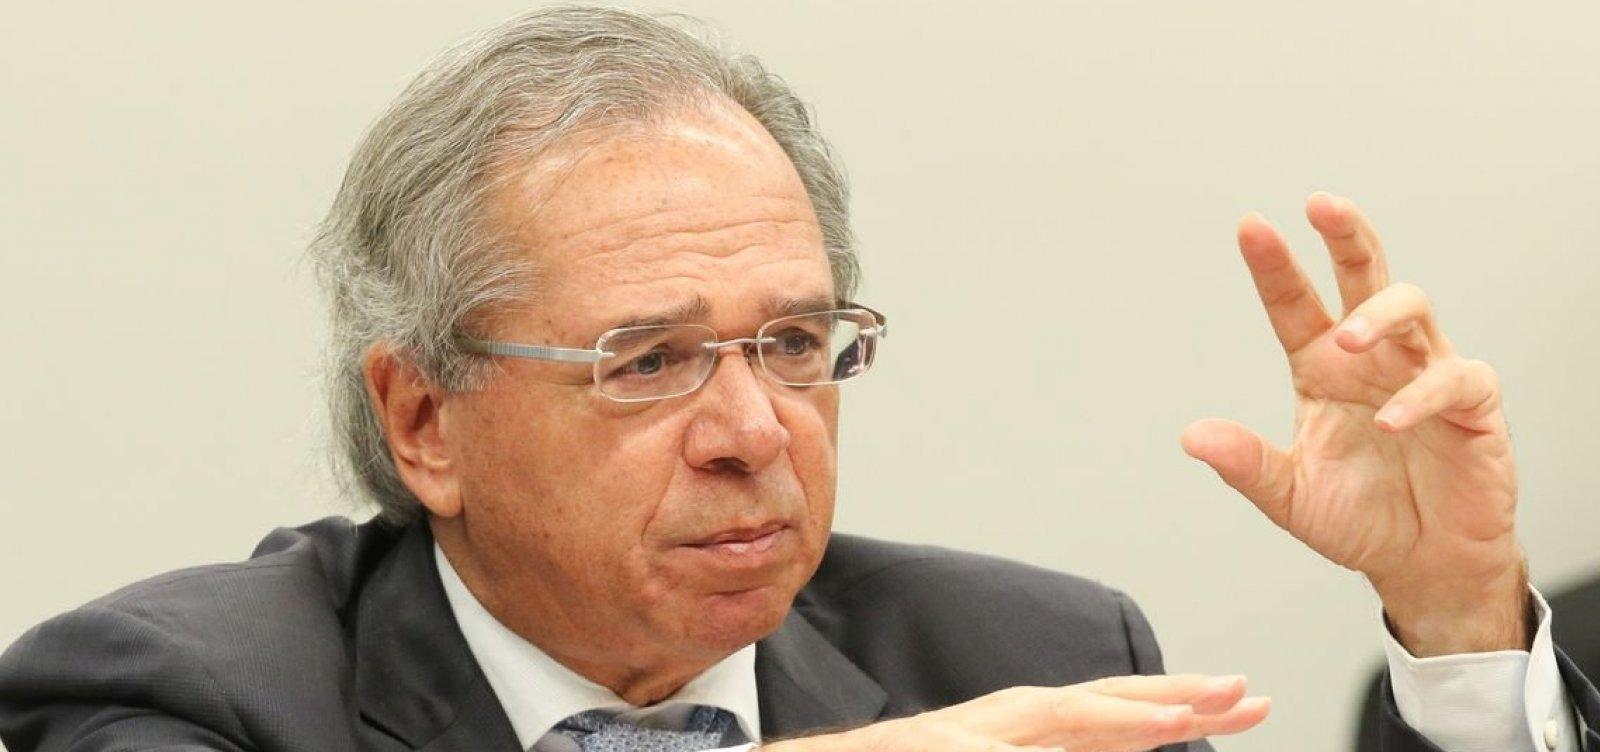 [Brasil está oficialmente saindo da recessão, diz Guedes ]